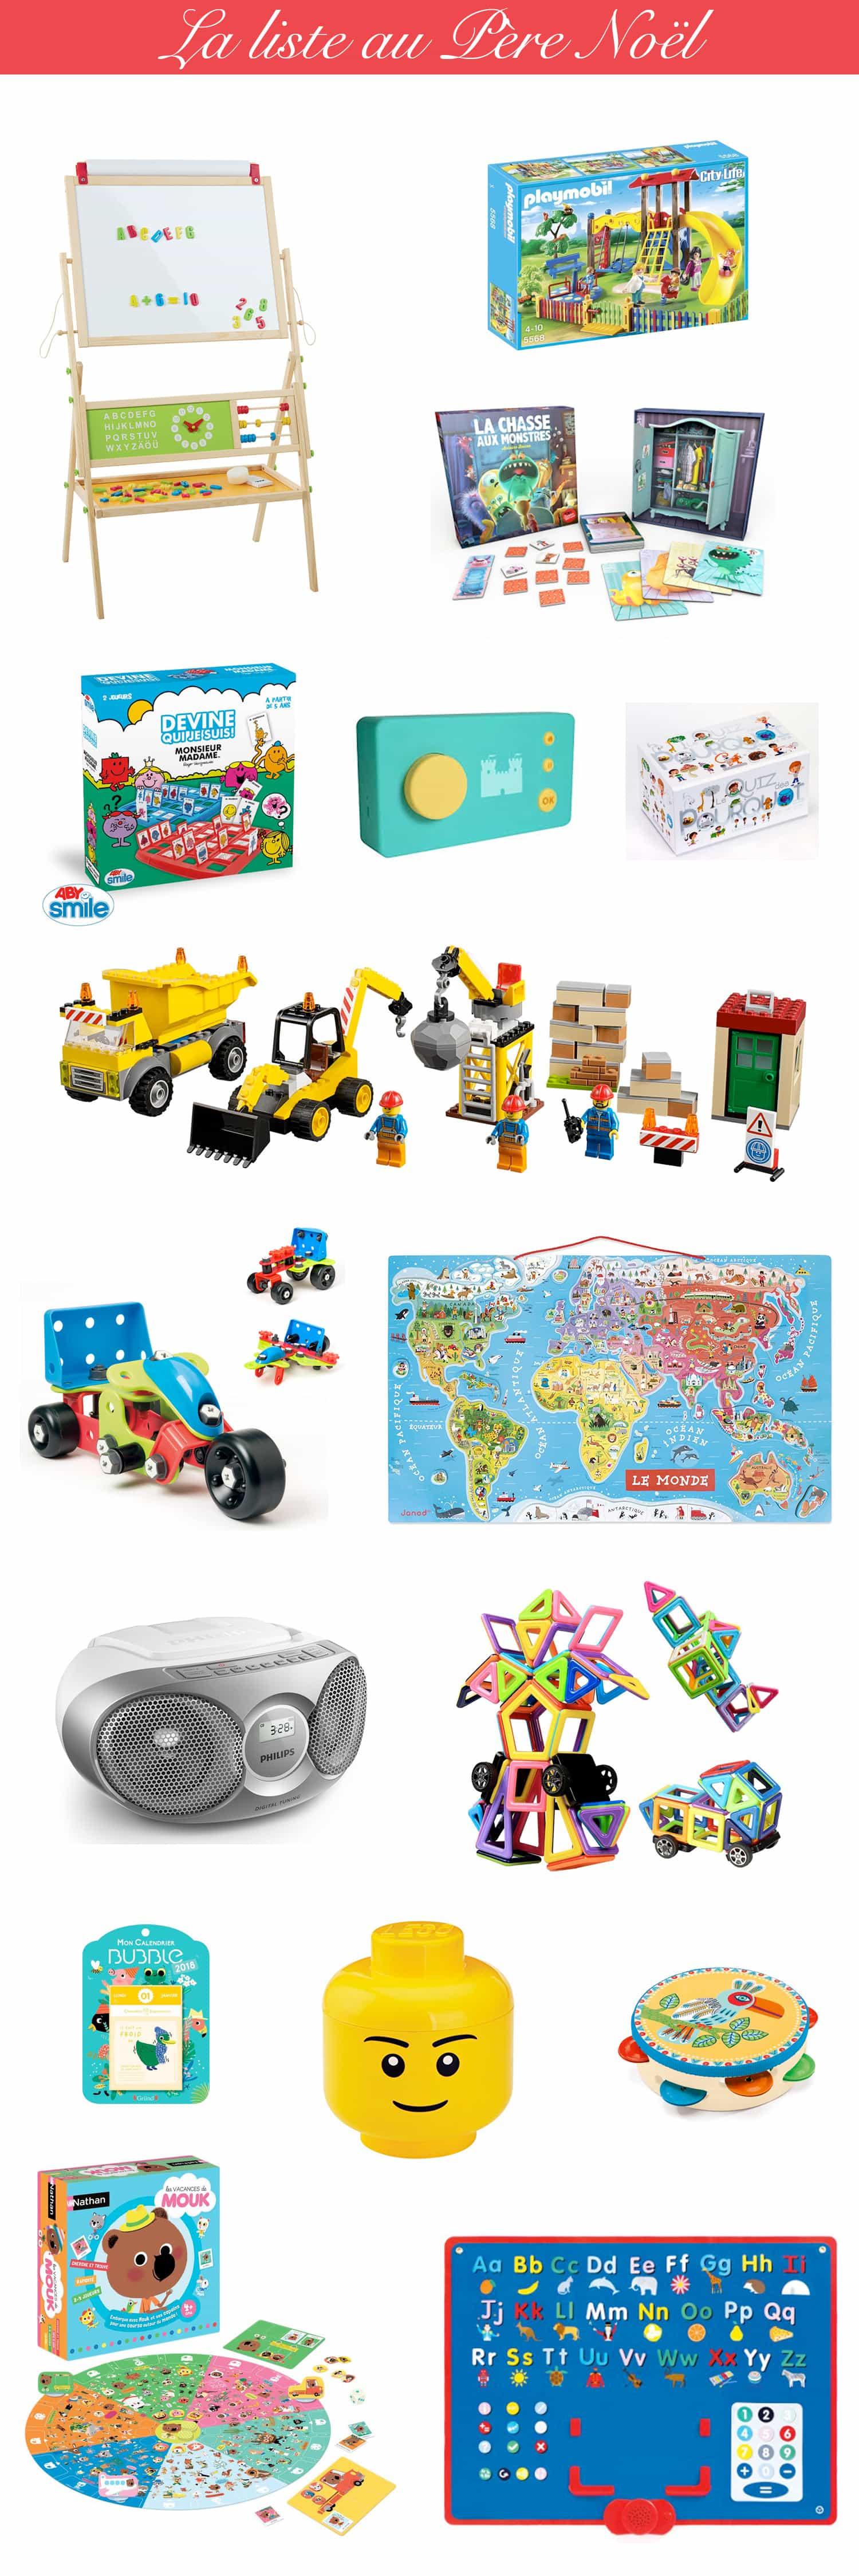 La liste au Père Noël : idées cadeau pour un enfant de 4 ans - Idée cadeau garçon